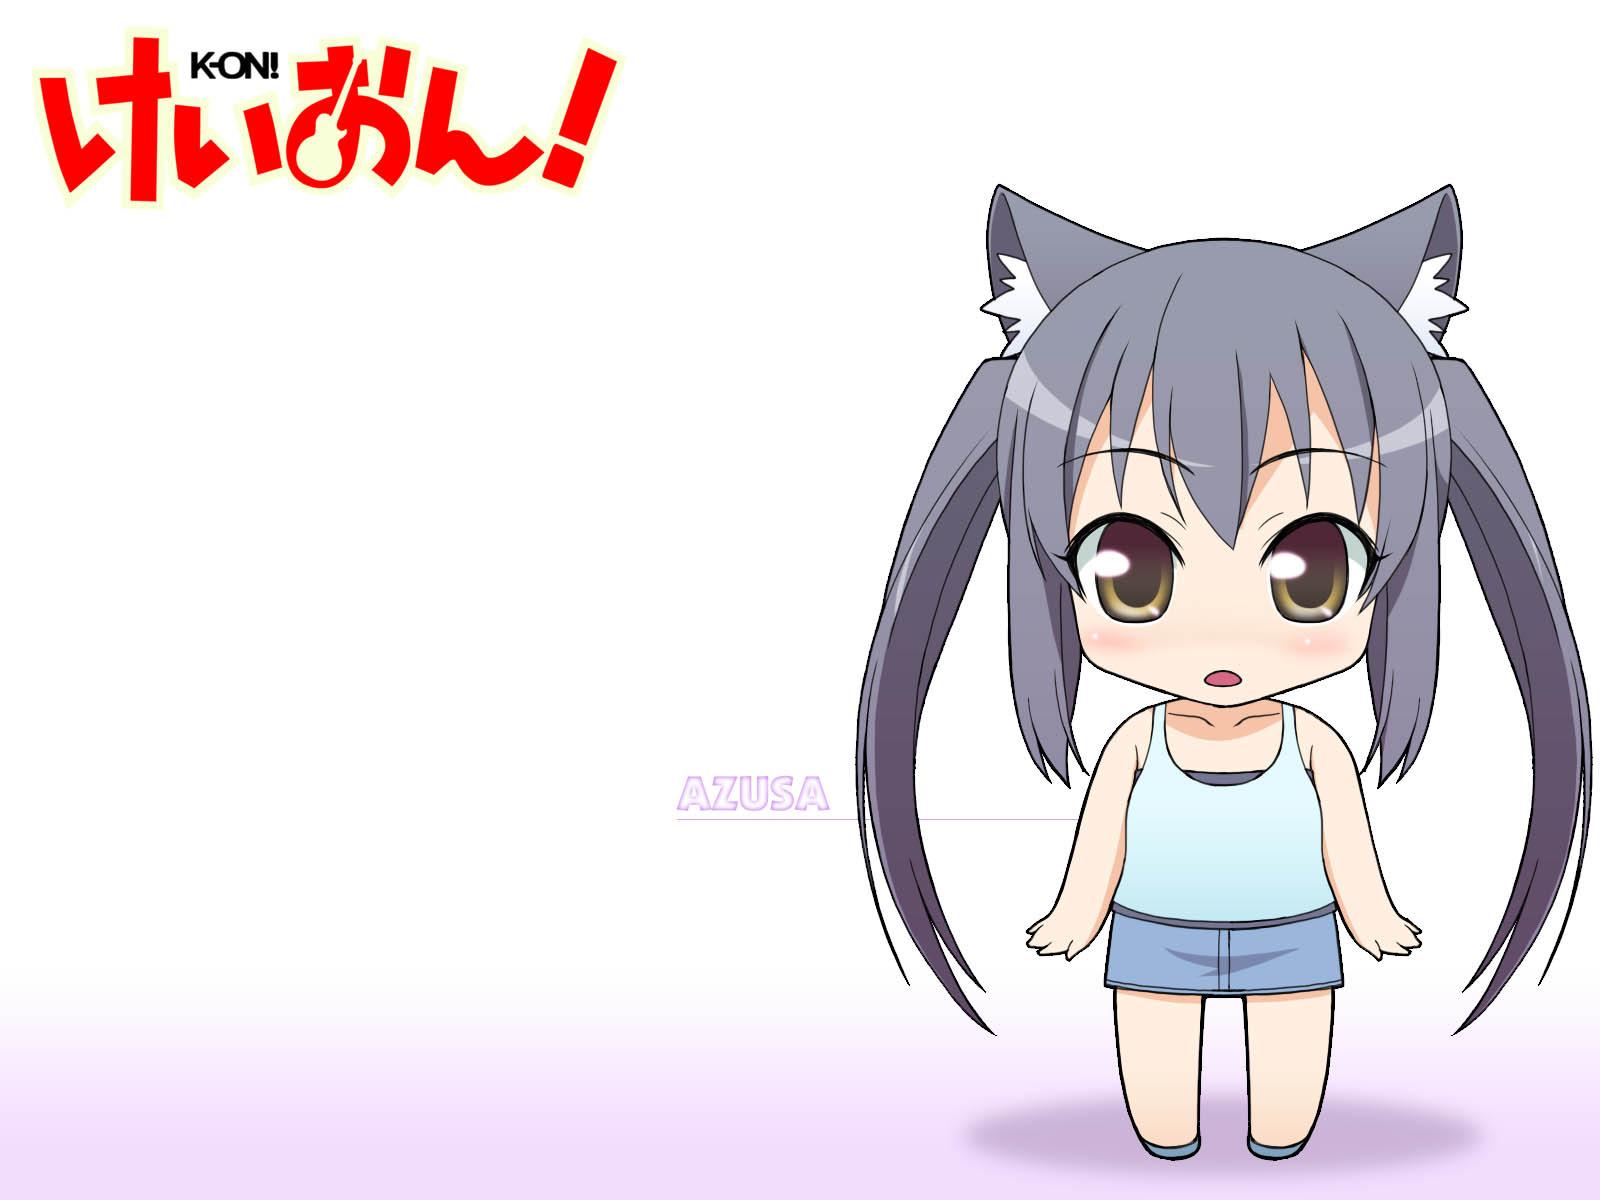 chibi k-on! nakano_azusa